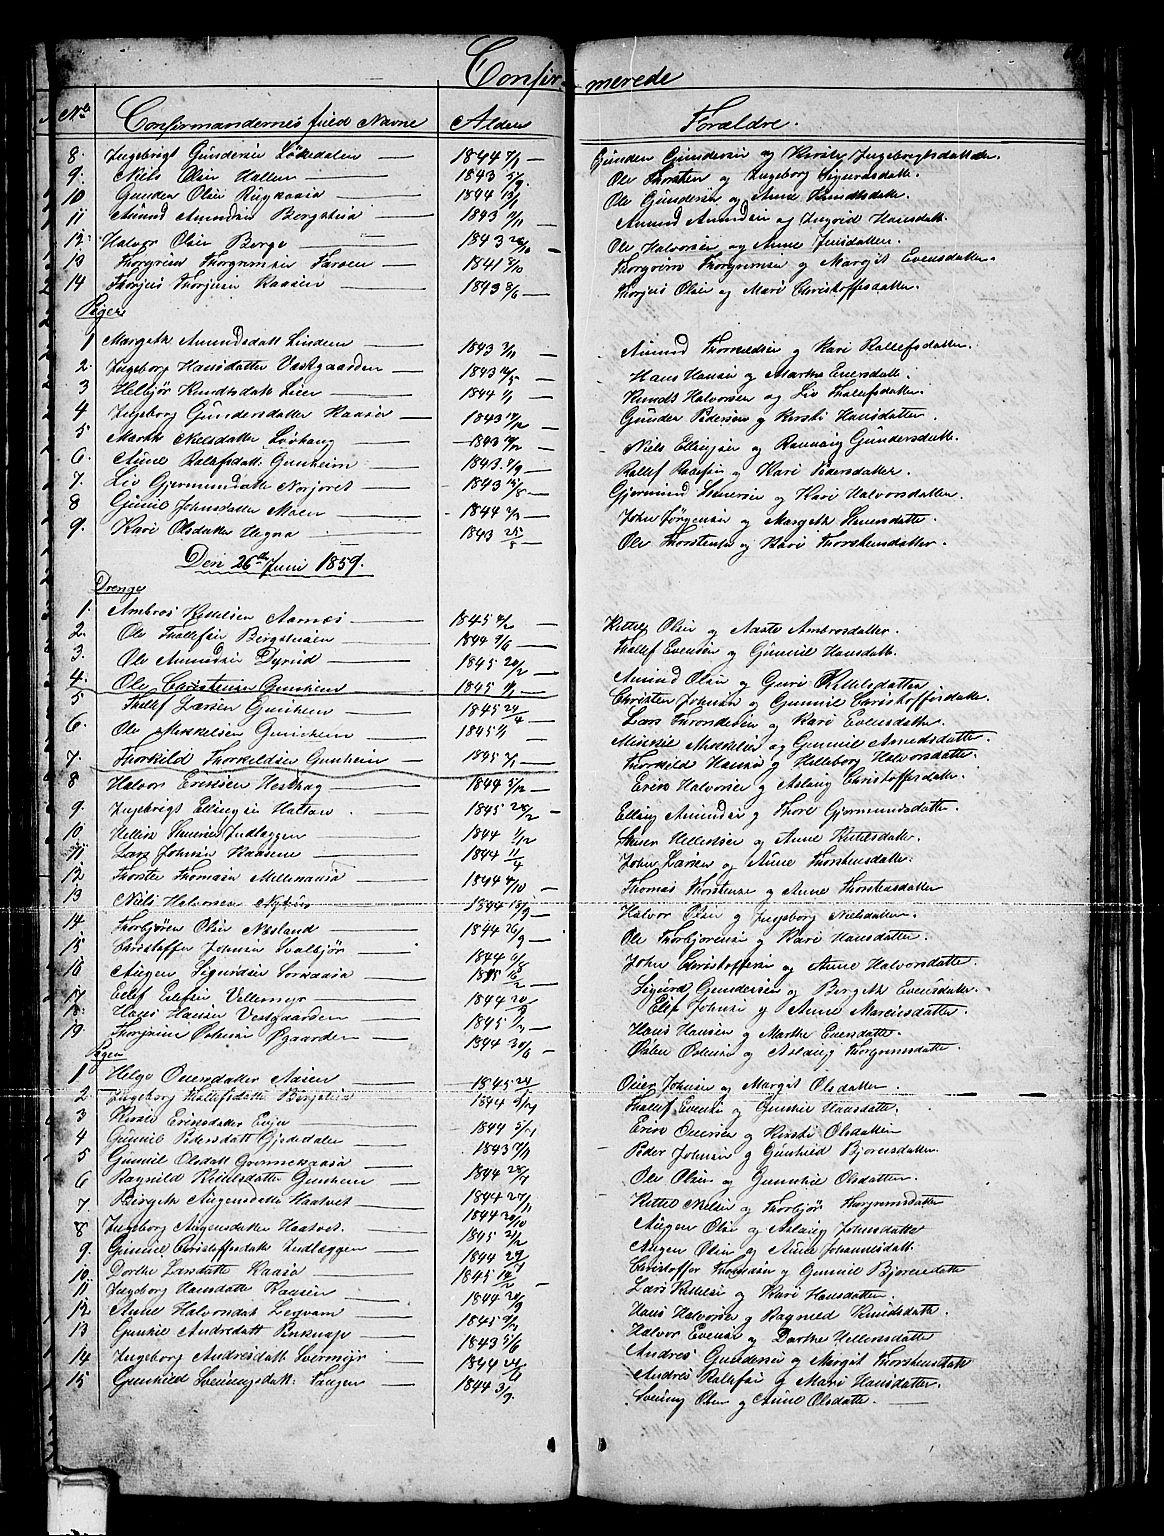 SAKO, Sauherad kirkebøker, G/Gb/L0001: Klokkerbok nr. II 1, 1845-1865, s. 67